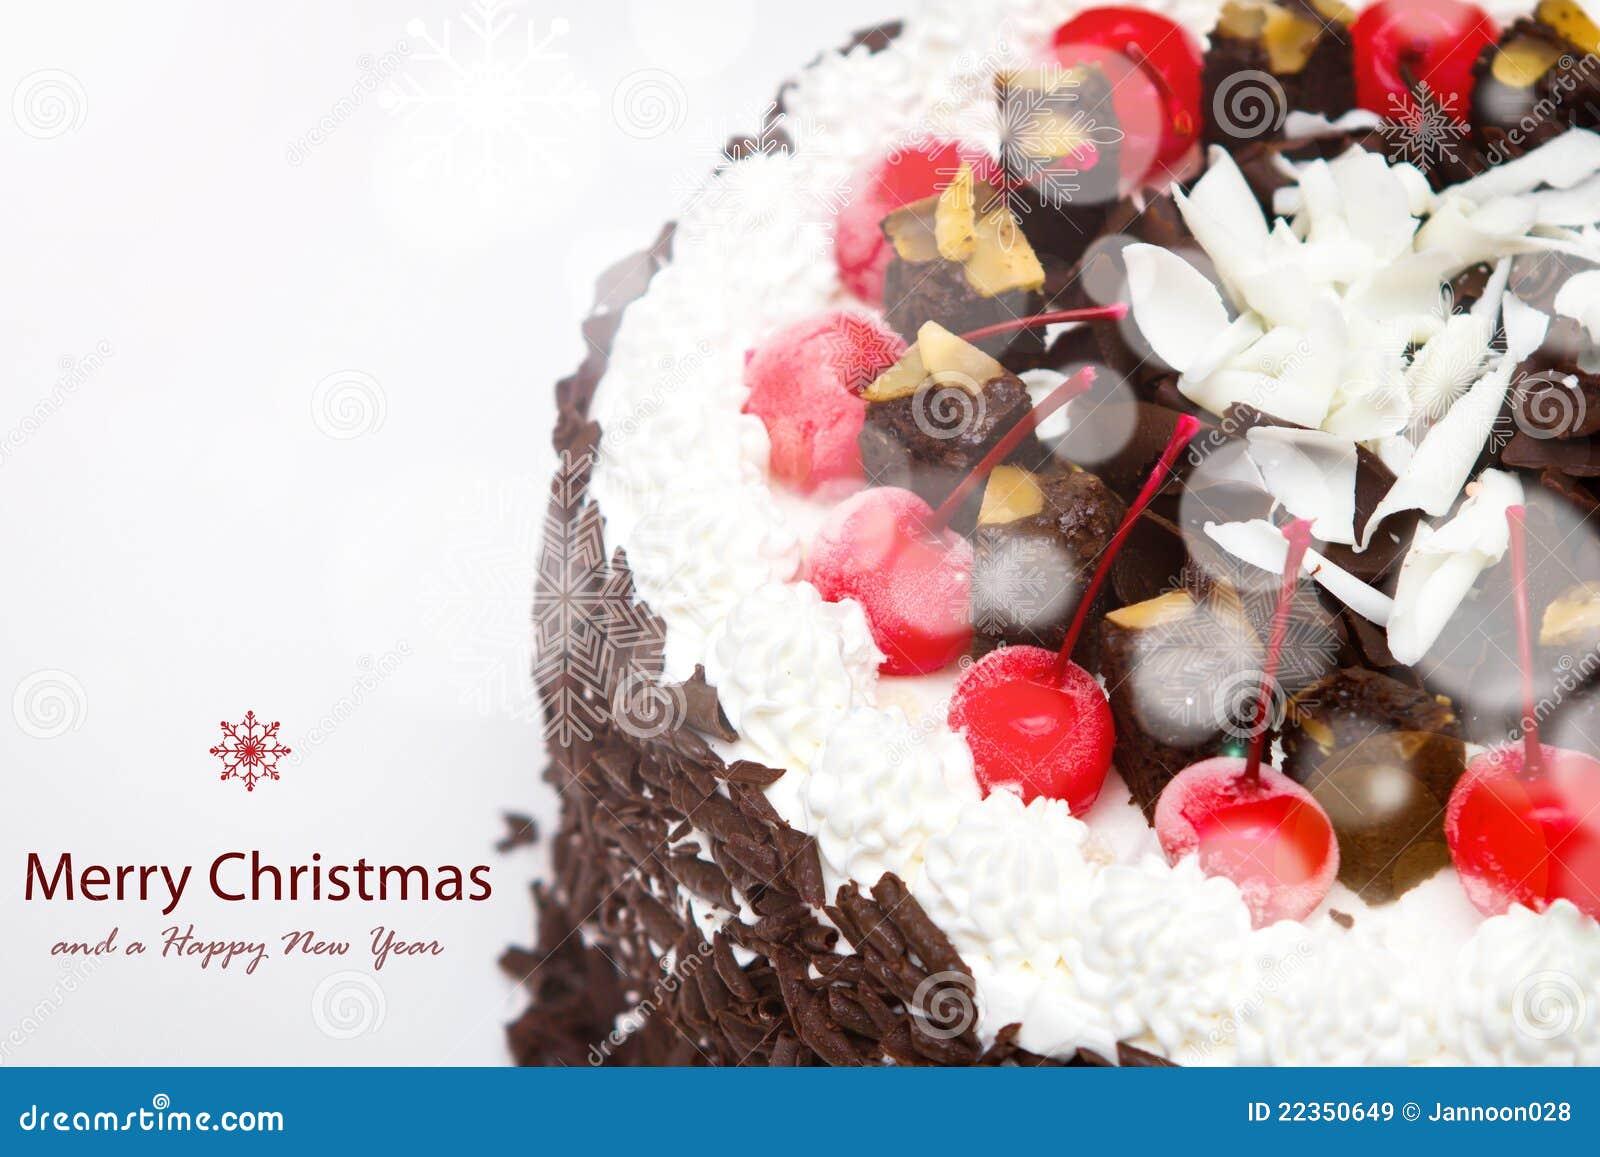 装饰的圣诞节蛋糕。